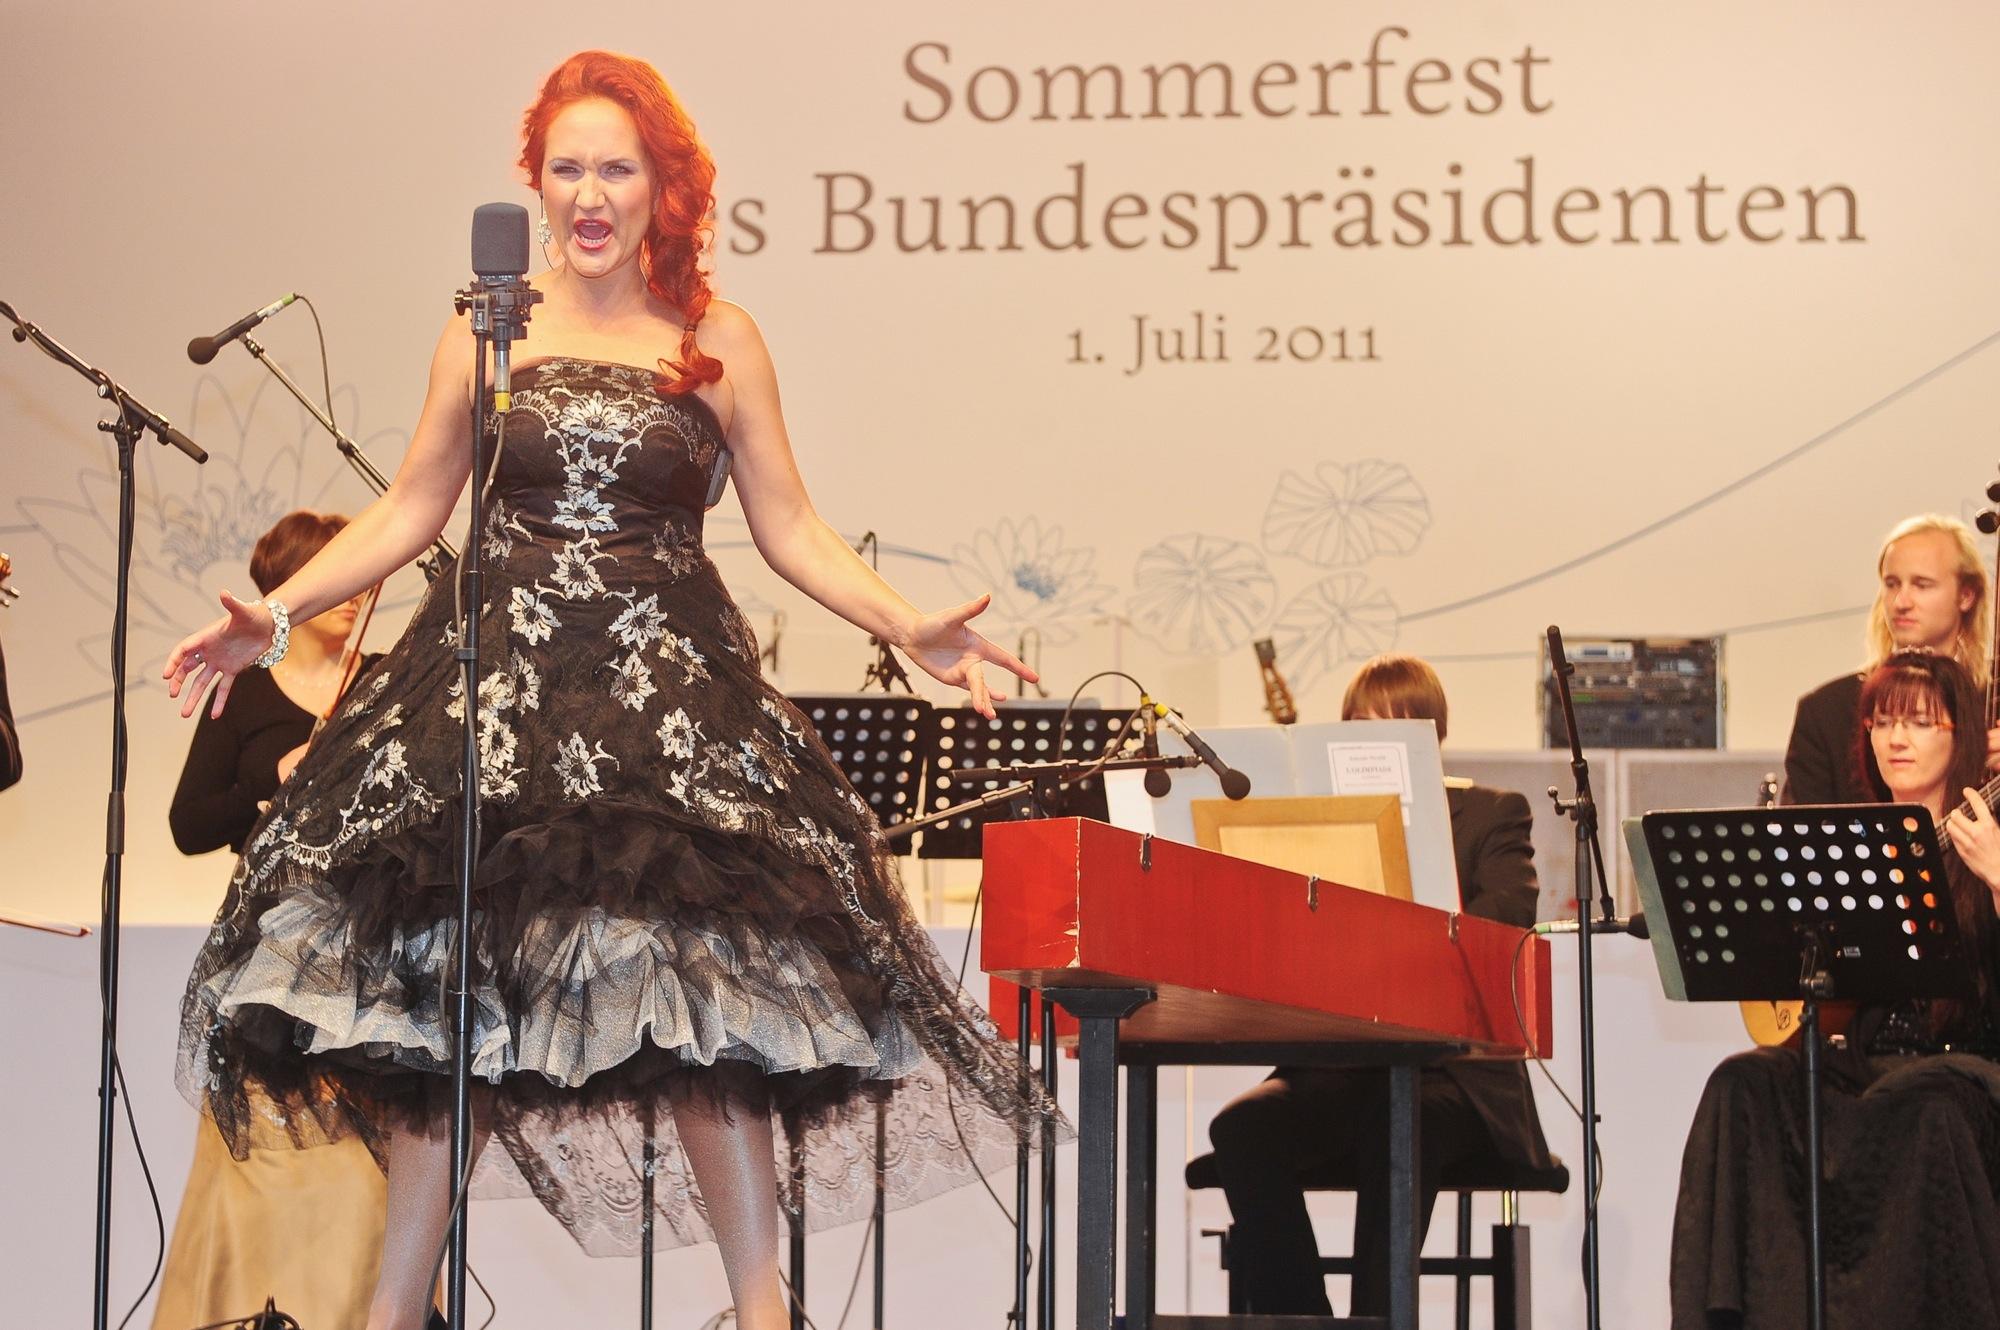 Sommerfest des Bundespräsidenten, Simone Kermes Fotos © CB.e Clausecker I Bingel AG